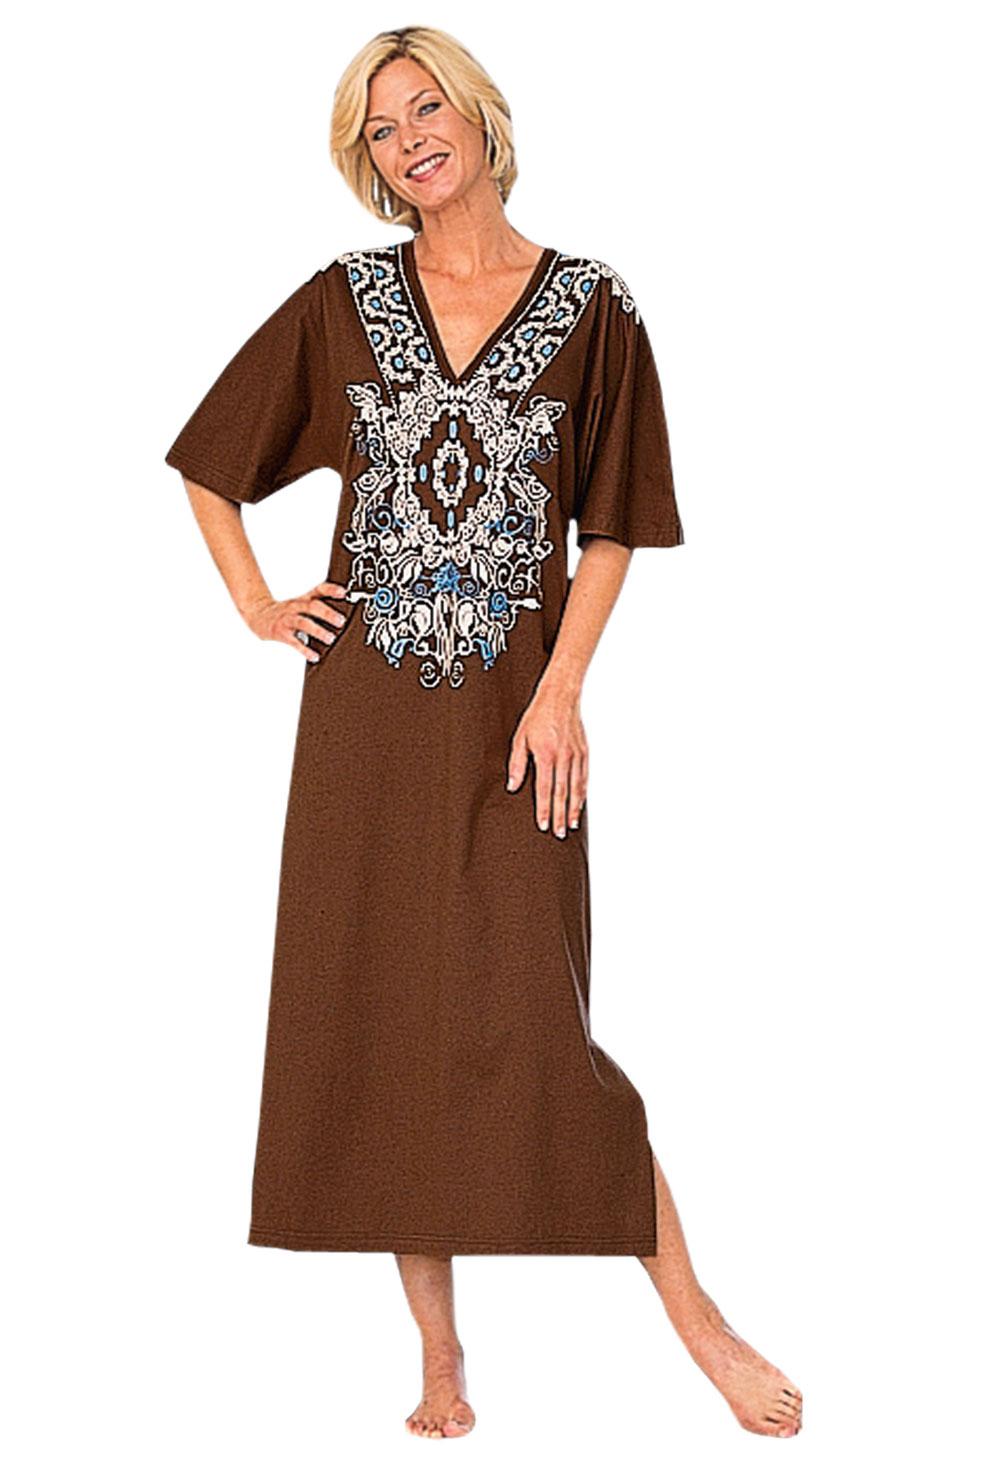 bleu bonheur robe grande taille robes populaires en europe. Black Bedroom Furniture Sets. Home Design Ideas